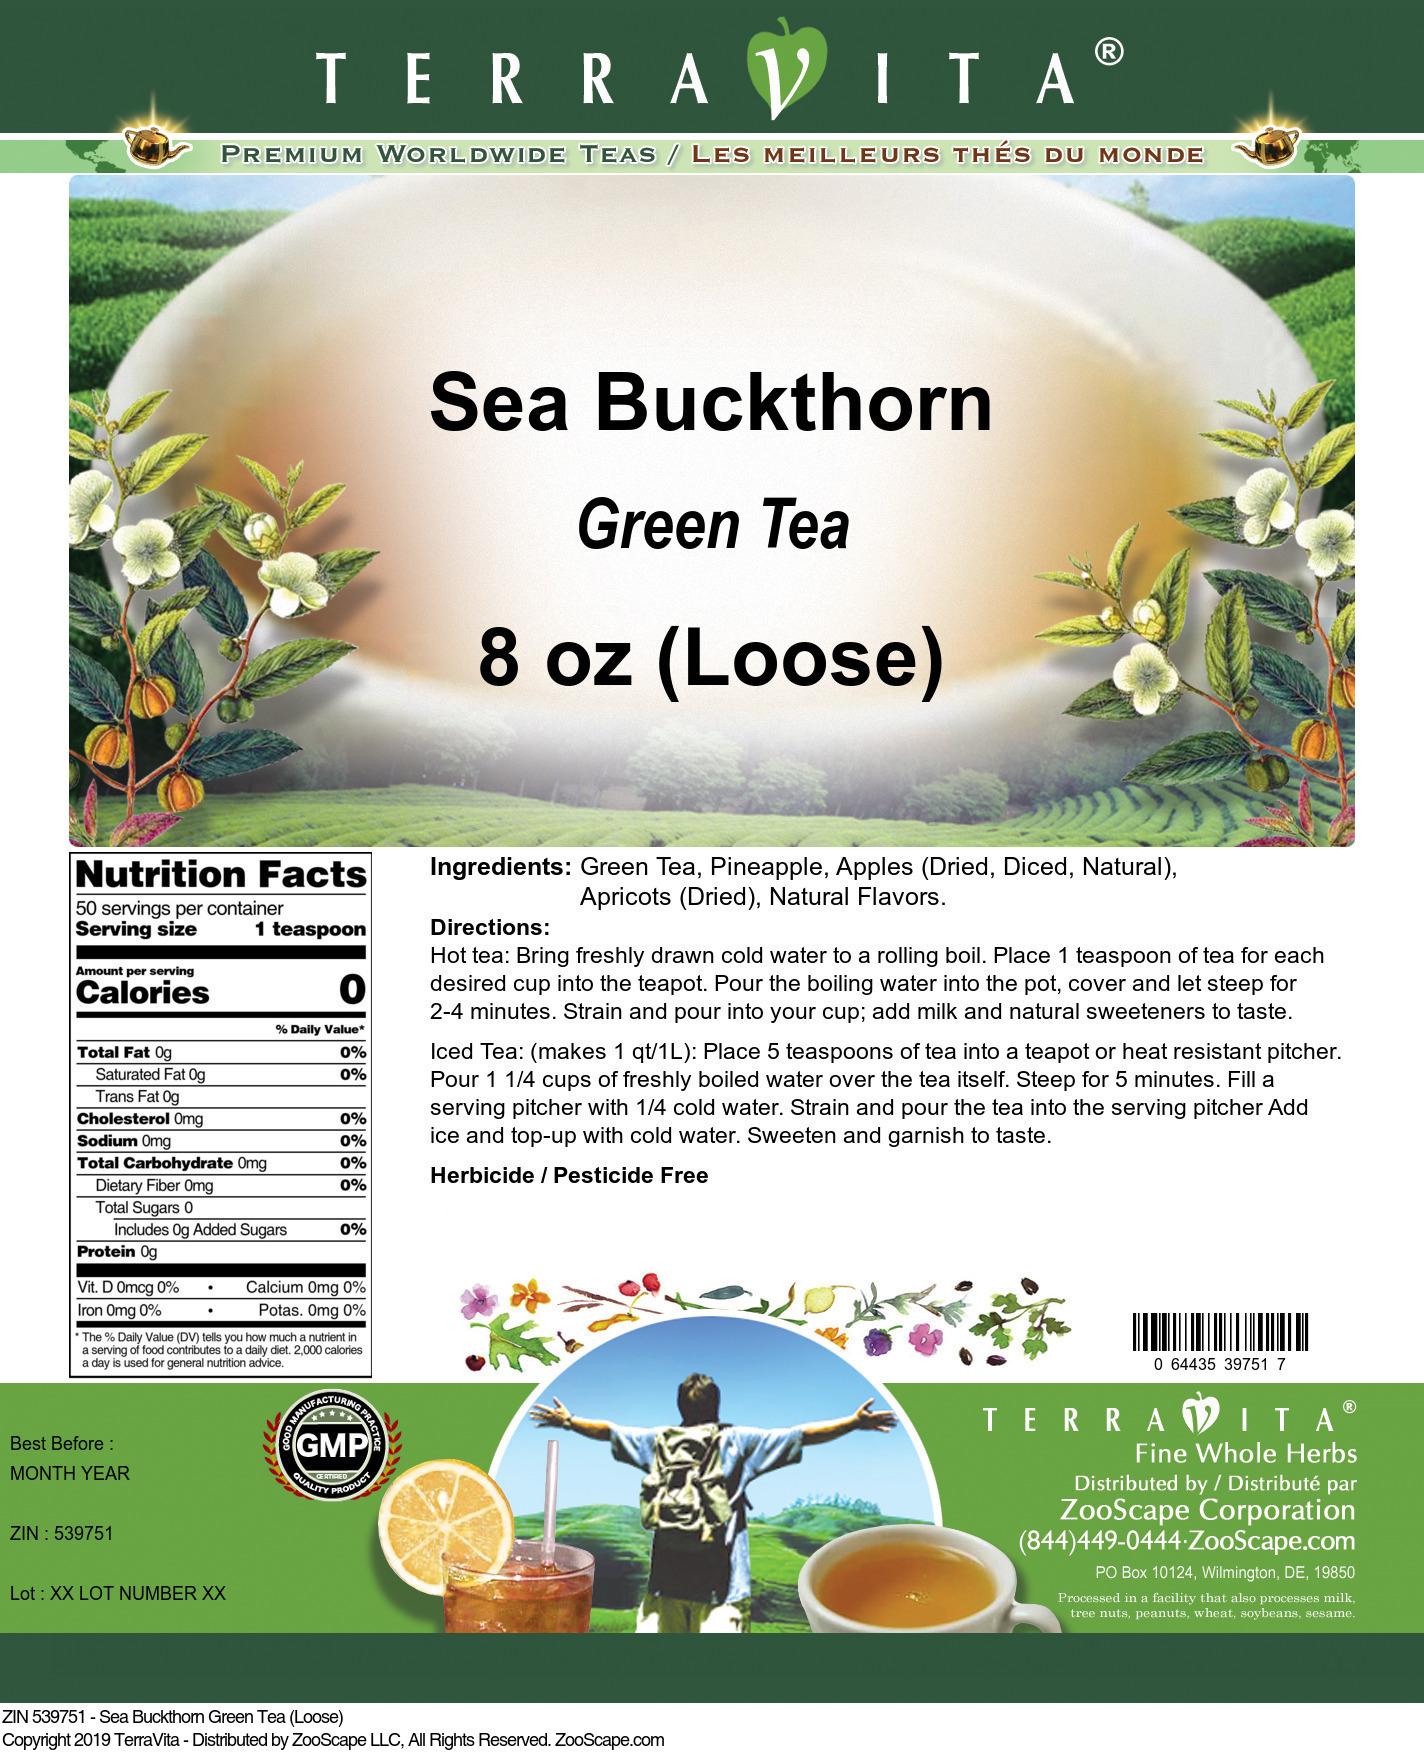 Sea Buckthorn Green Tea (Loose)